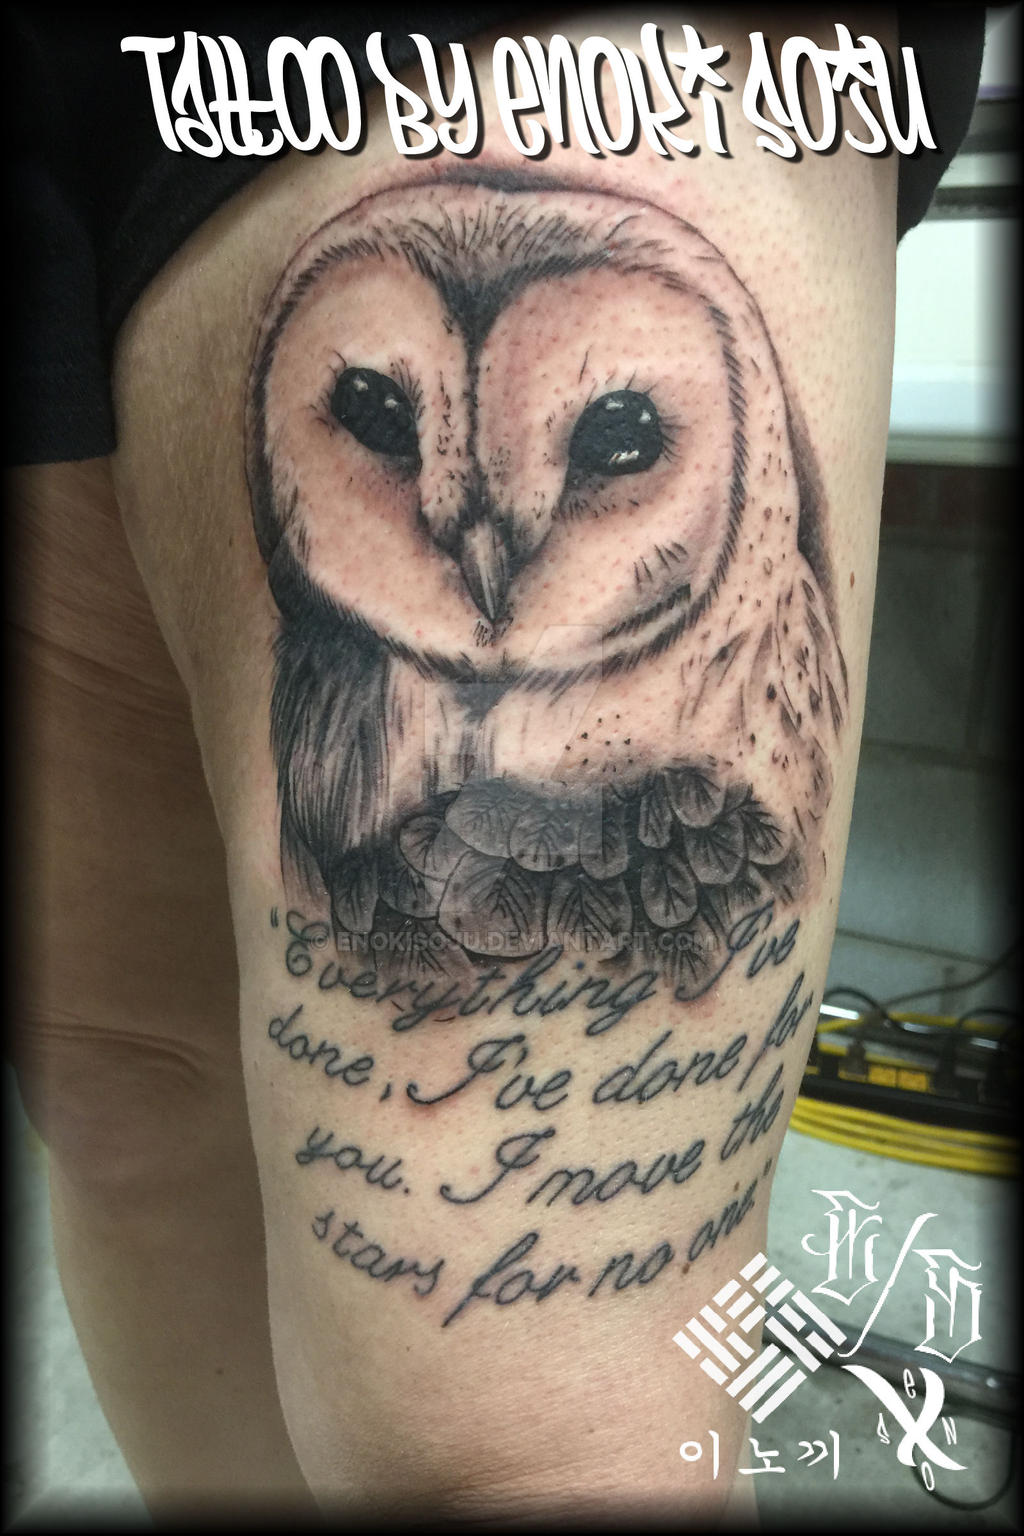 Labyrinth Owl Tattoo by Enoki Soju by enokisoju on DeviantArt Labyrinth Owl Tattoo